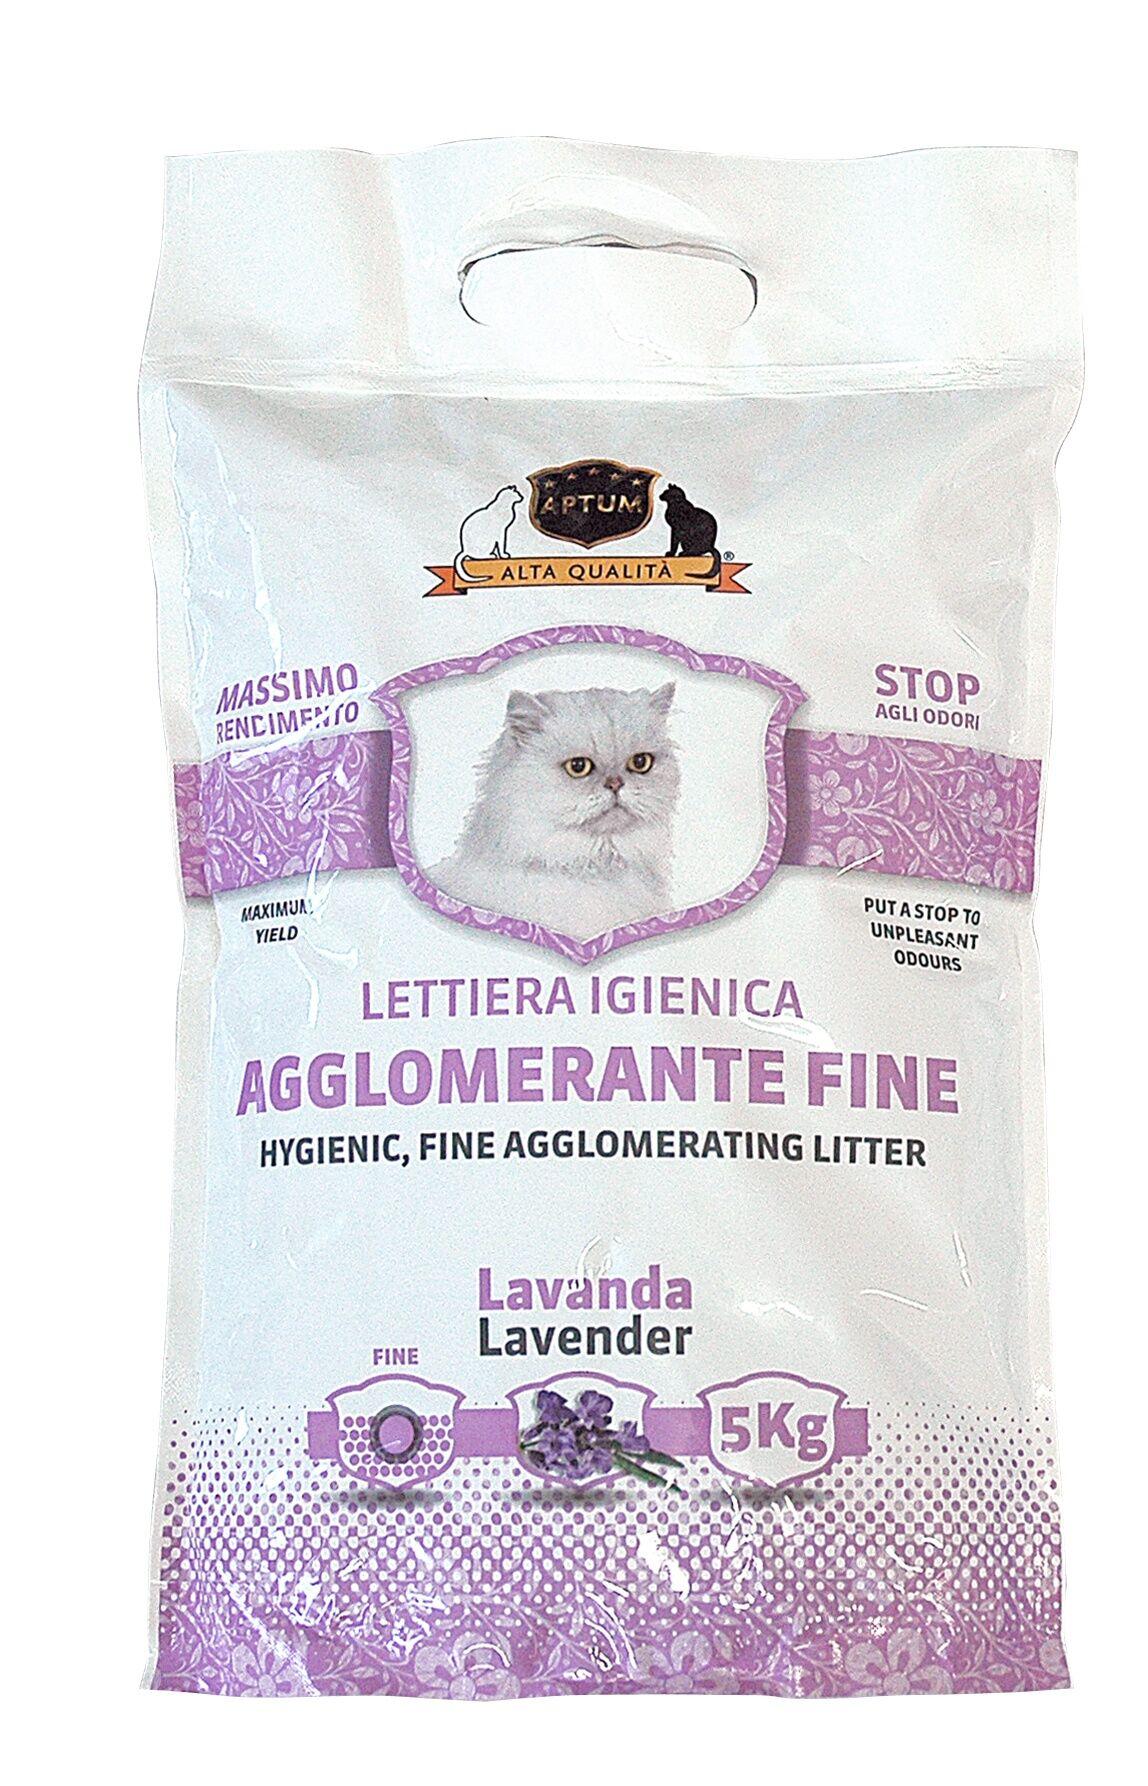 Aptum Lettiera Igienica Agglomerante Fine Con Fragranza Alla Lavanda 5kg